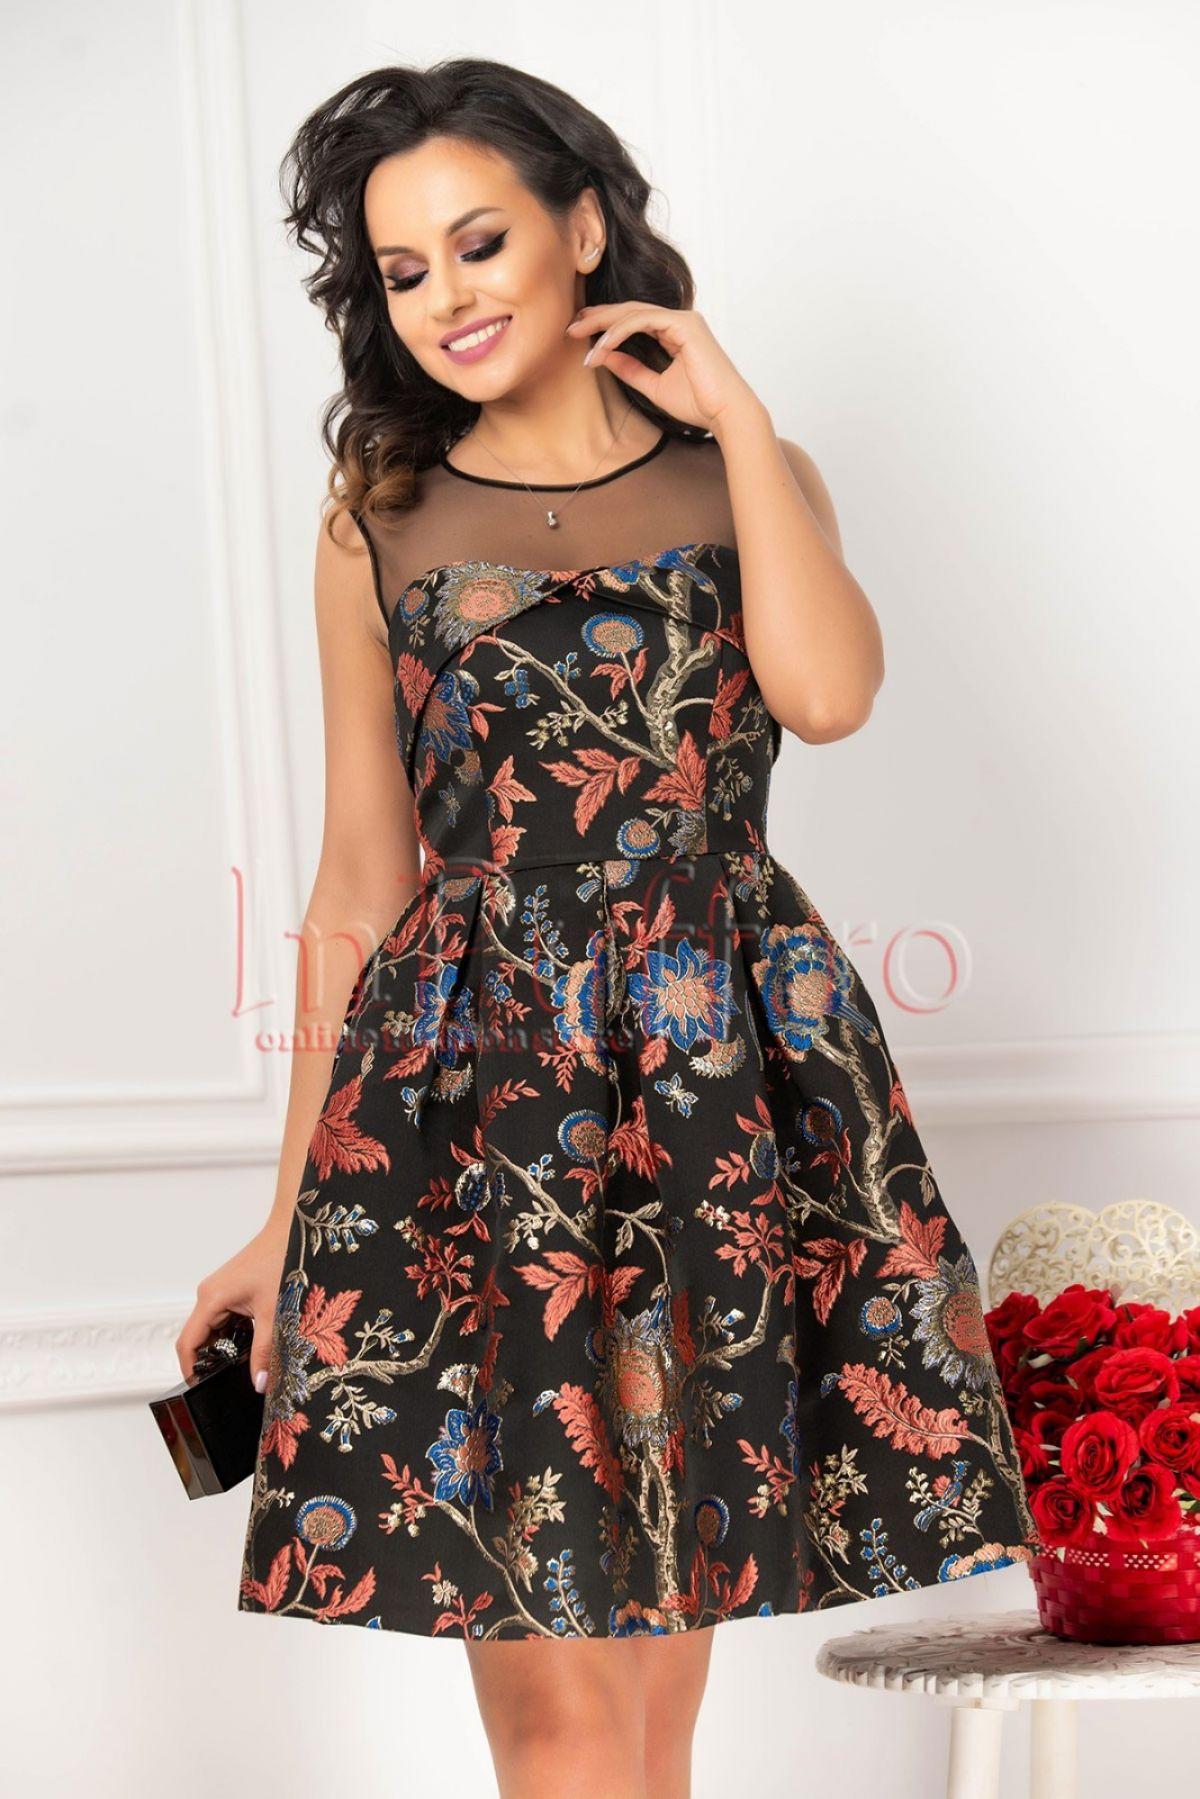 Rochie neagra din jacquard cu print floral corai-albastru